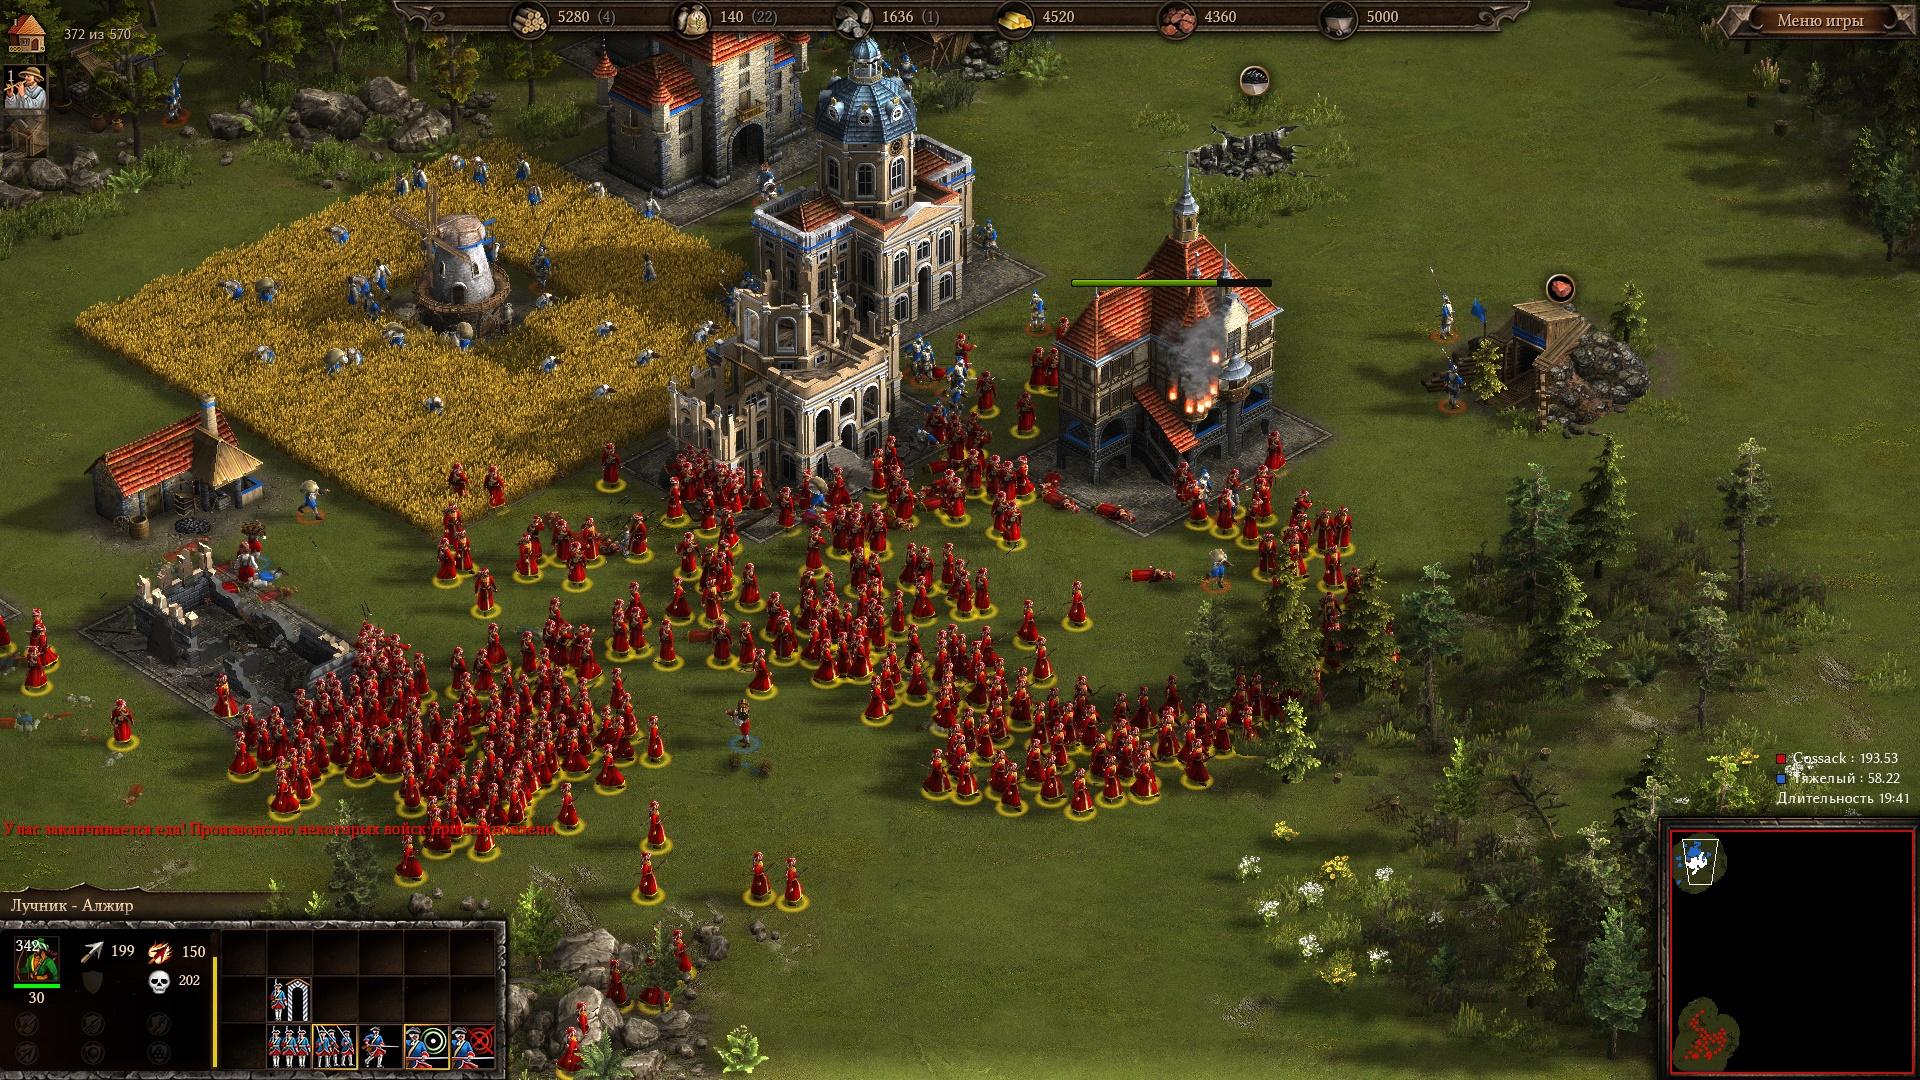 Описание полка в игре